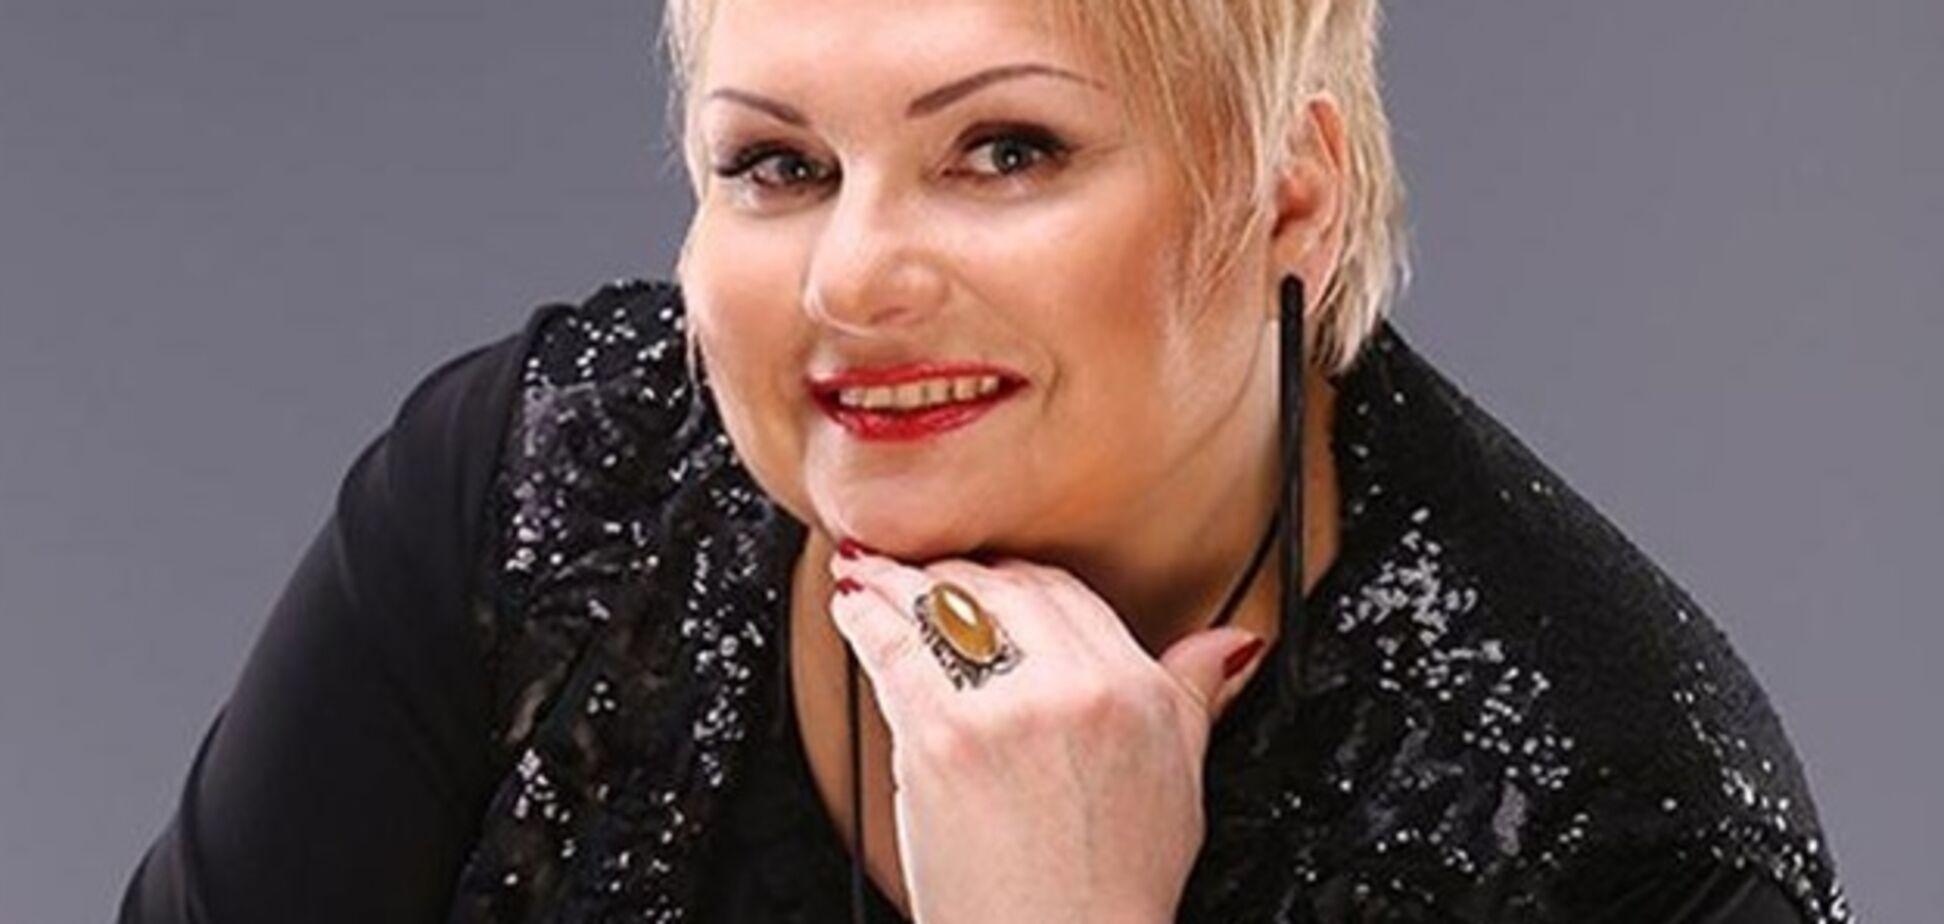 Марина Поплавська загинула в ДТП під Києвом: цікаві факти з життя і яскраві фото